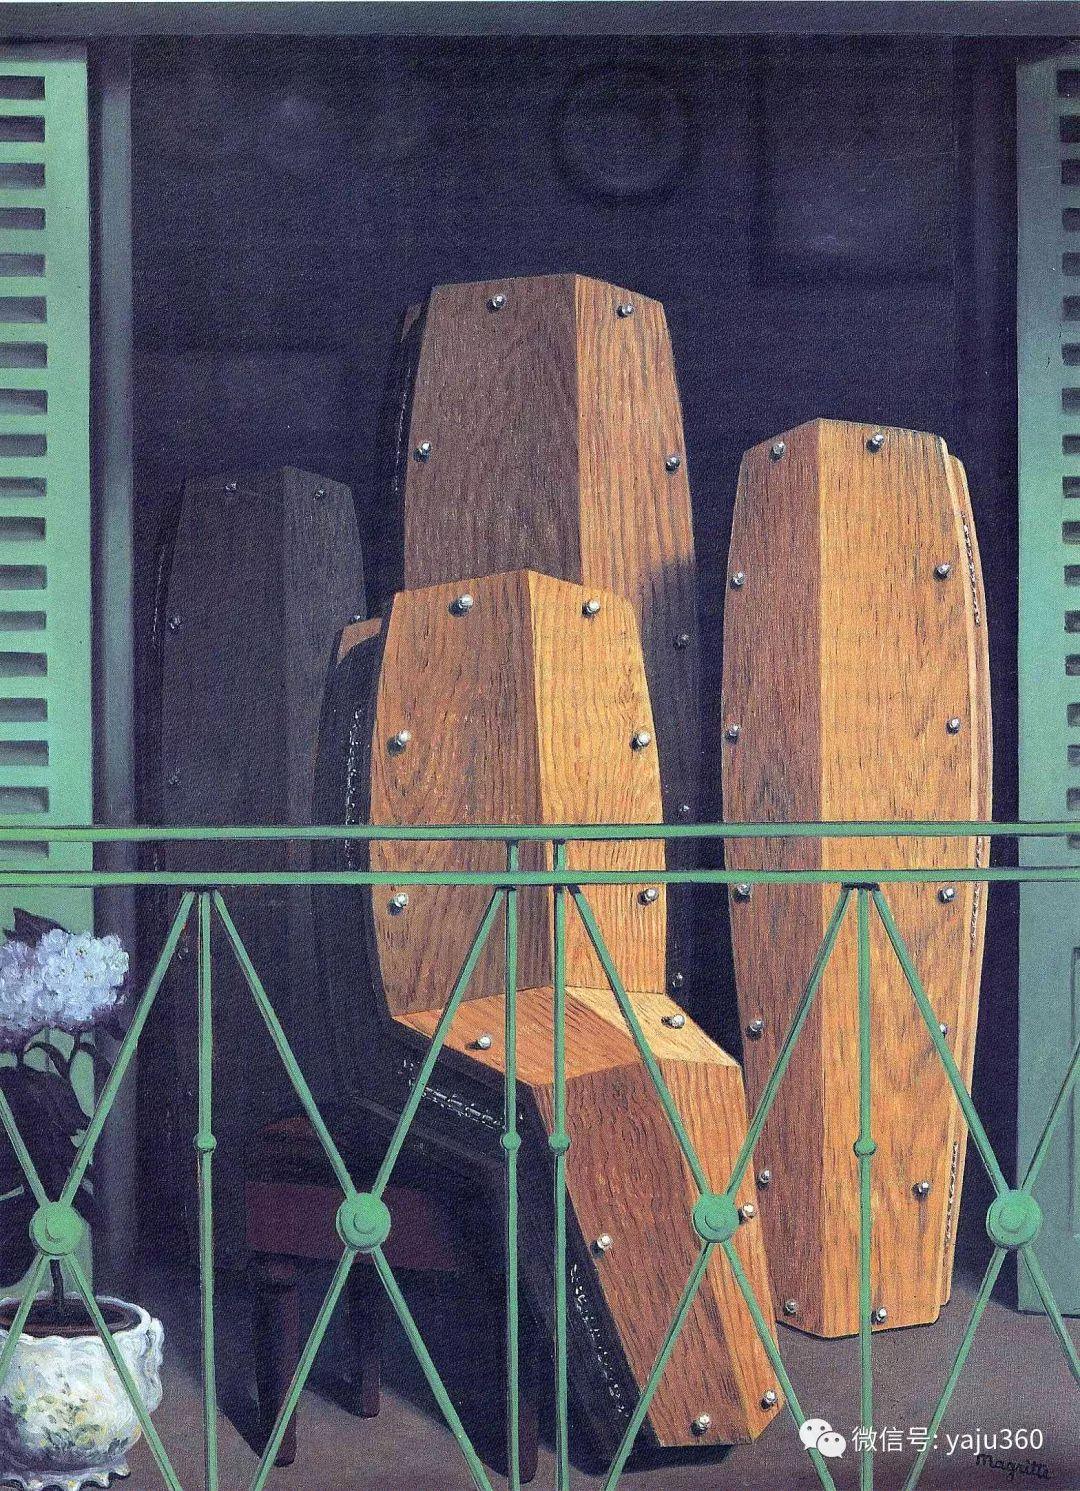 超现实主义 比利时画家Rene Magritte插图69